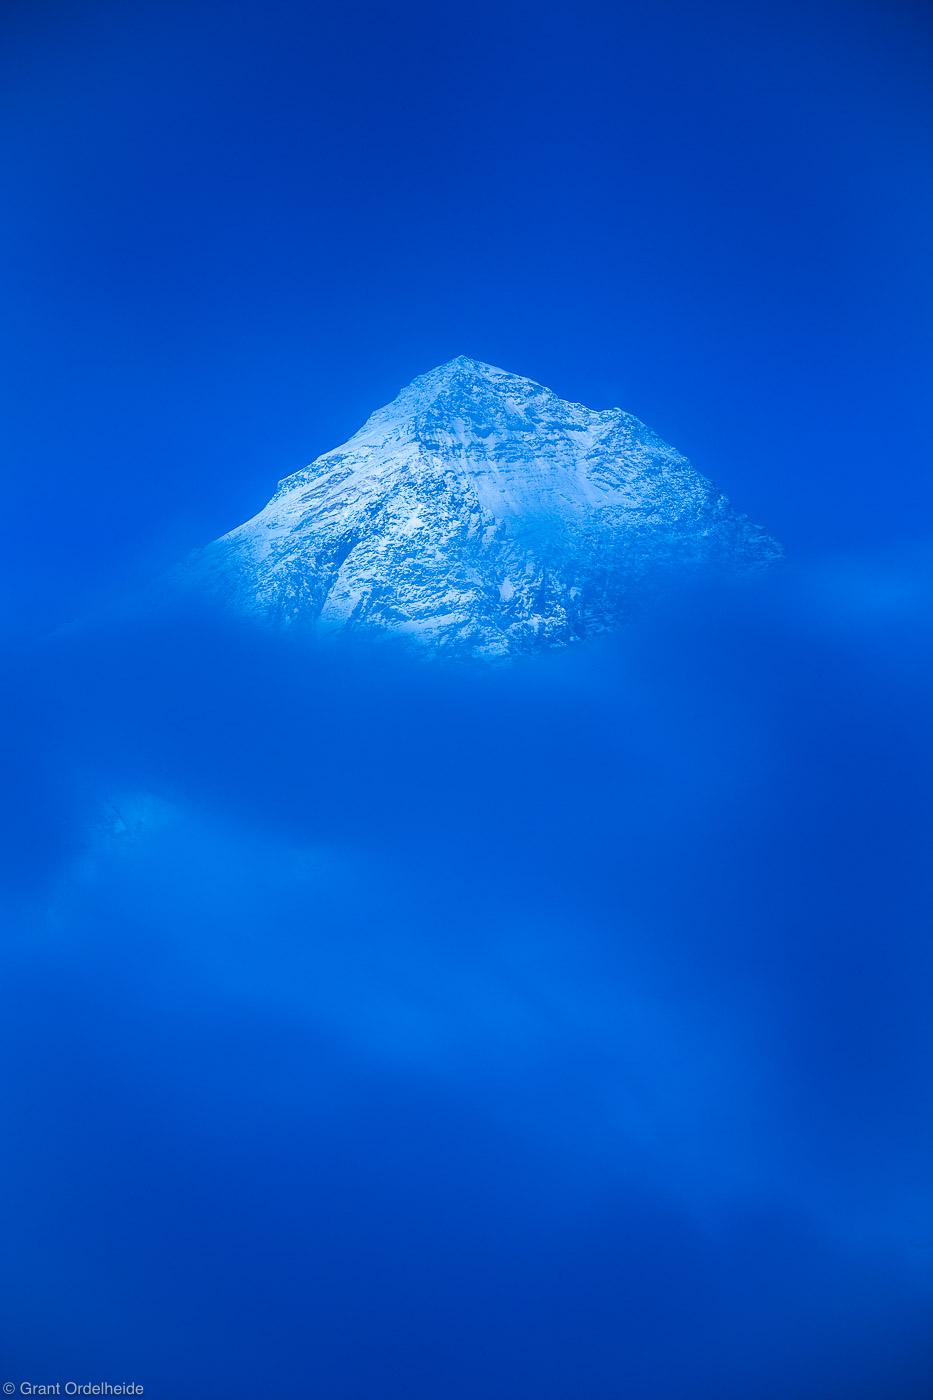 mount, everest, sagarmatha, national park, himalaya, nepal, highest, point, earth, emerges, fog, late, night, iconic, photo